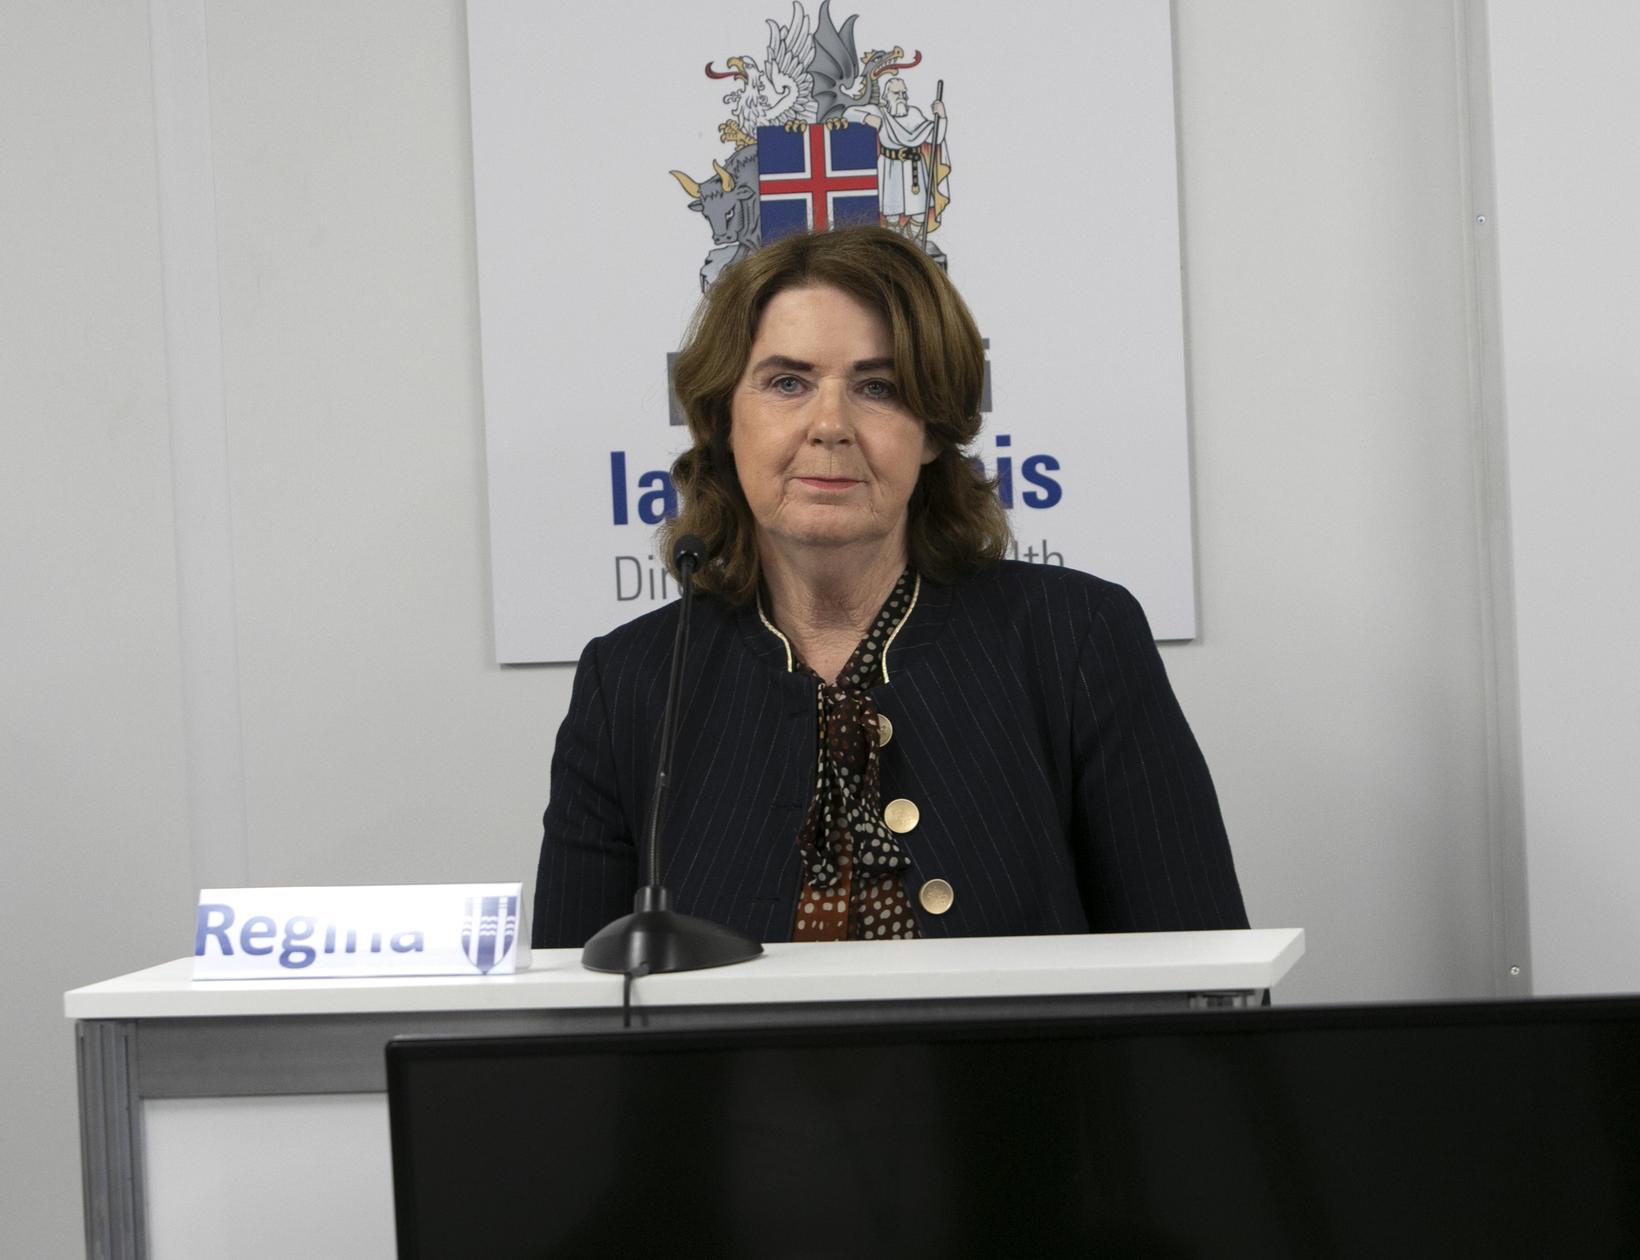 Regína Ásvaldsdóttir, sviðsstjóri velferðarsviðs Reykjavíkurborgar.